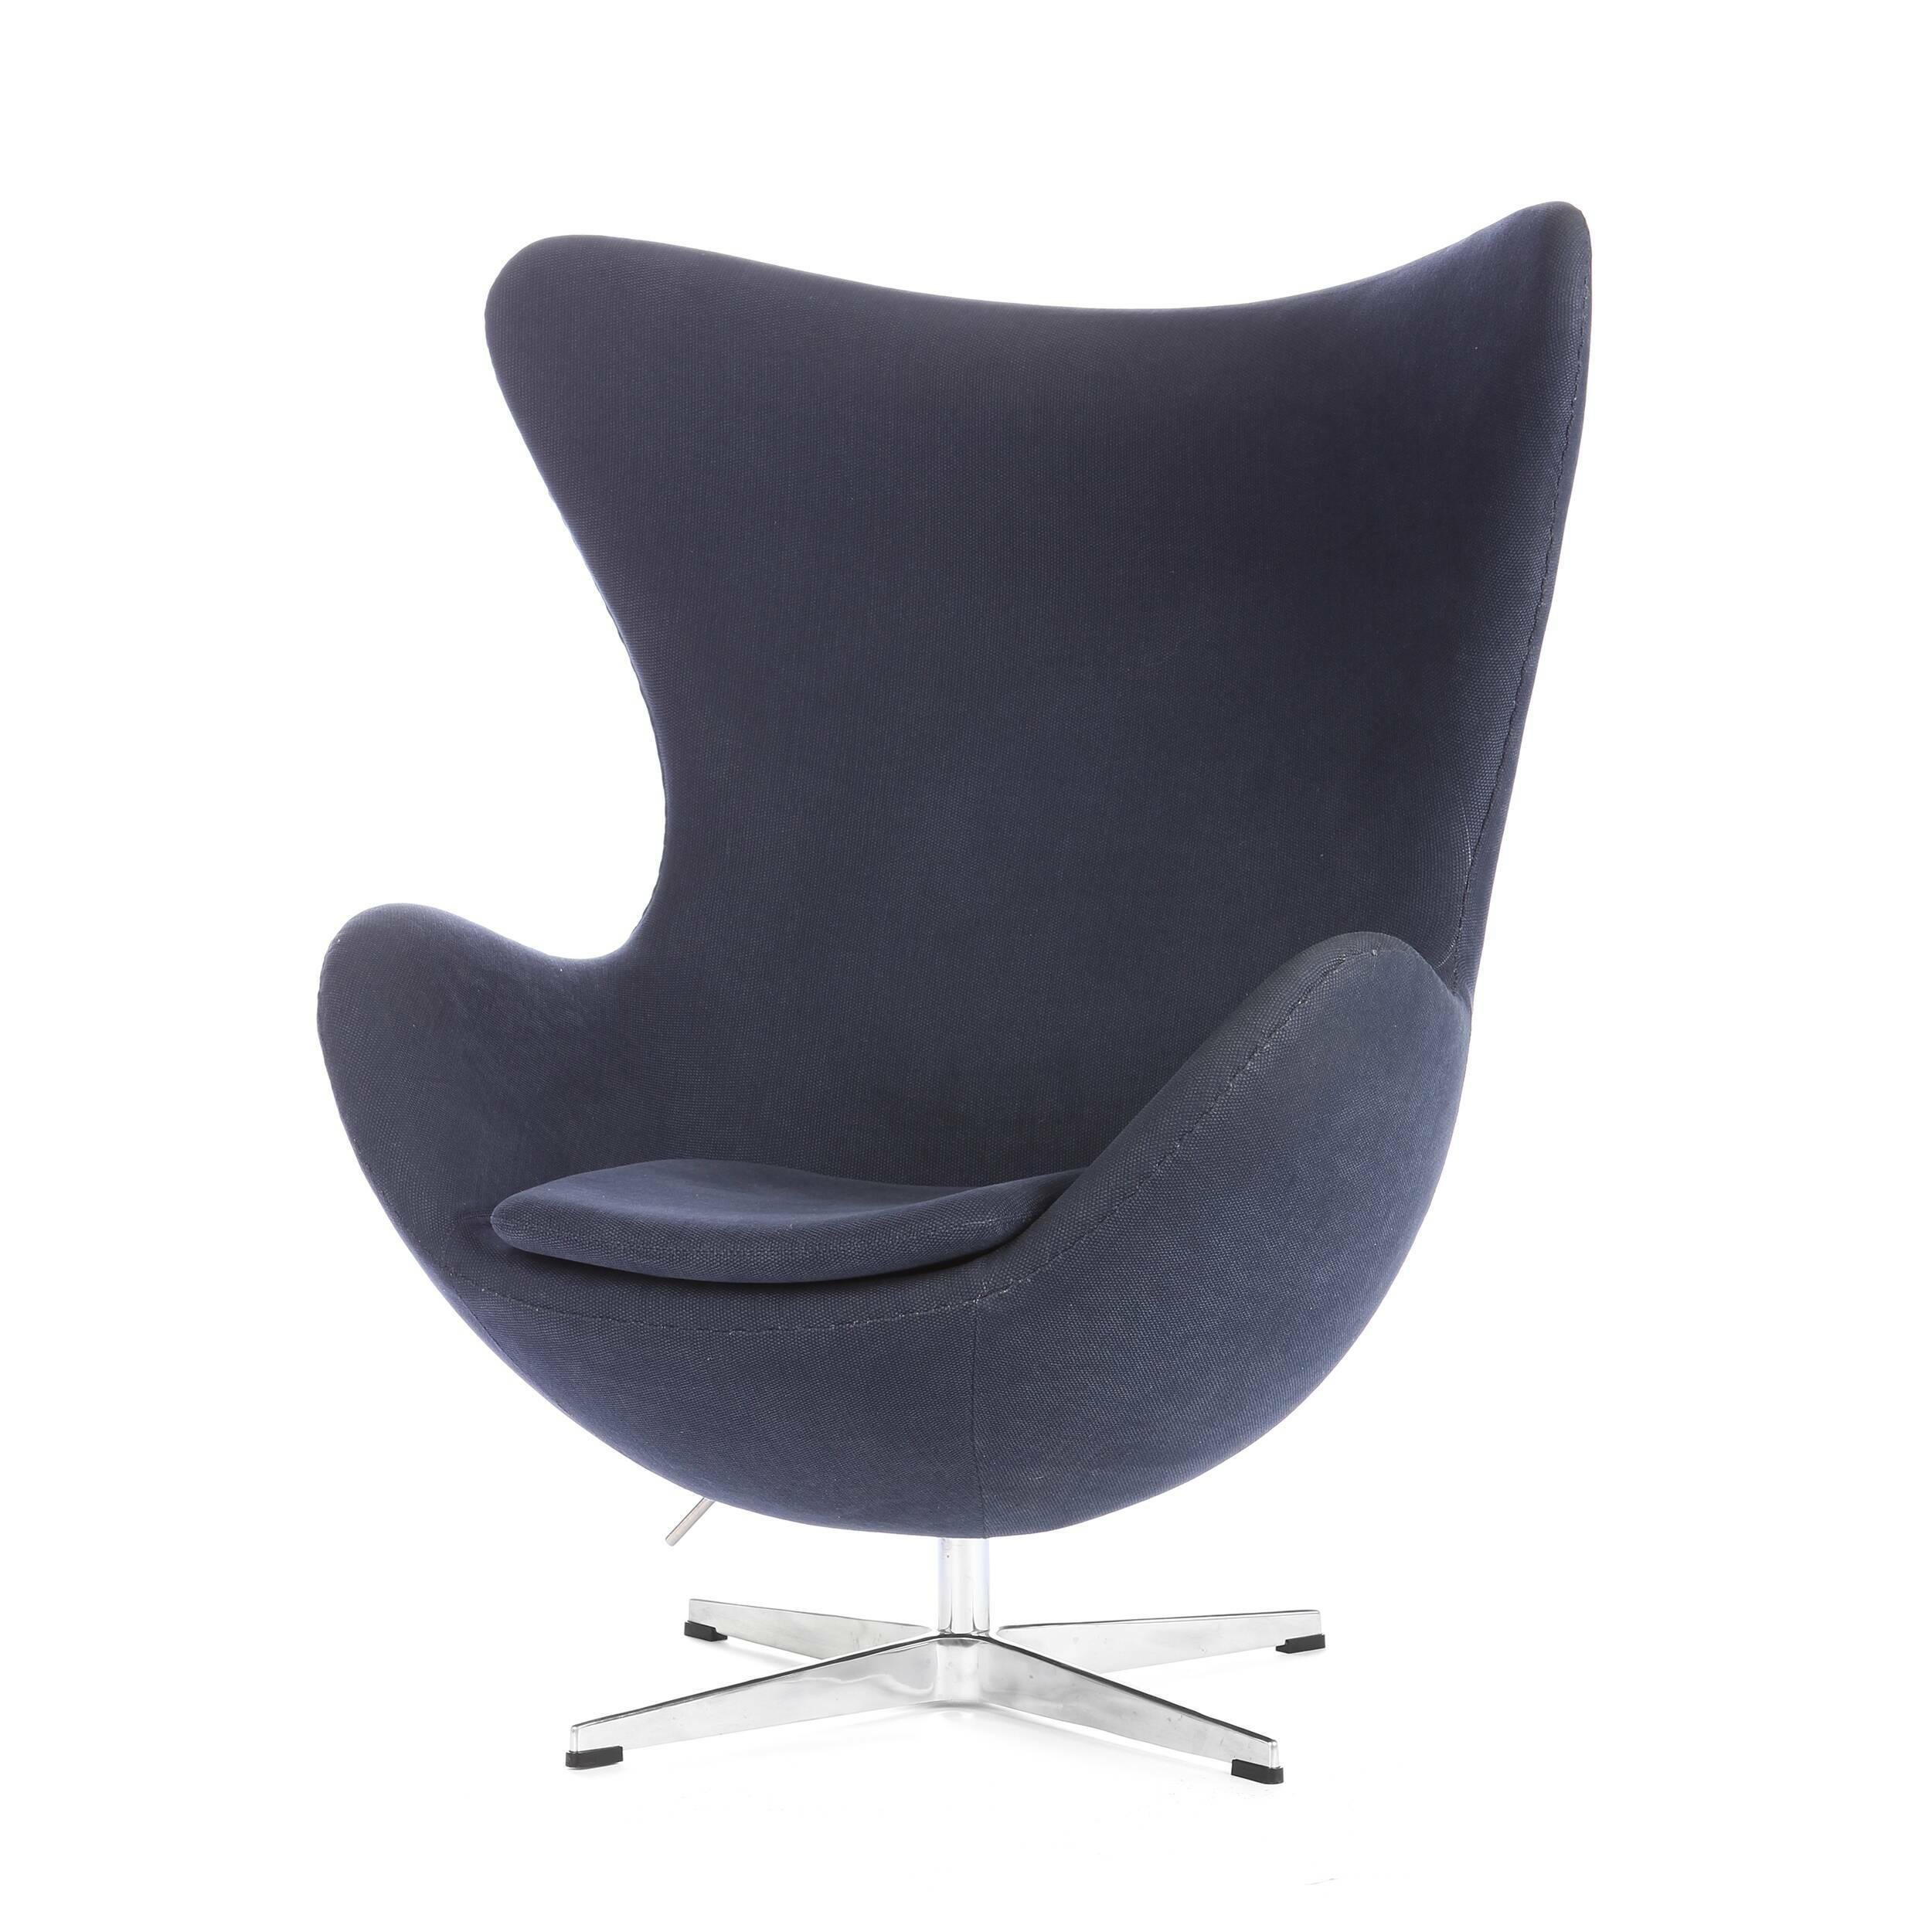 Комфортное кресло Egg (Эгг) в форме яйца на узкой ножке от Cosmo купить в интернет-магазине дизайнерской мебели Cosmorelax